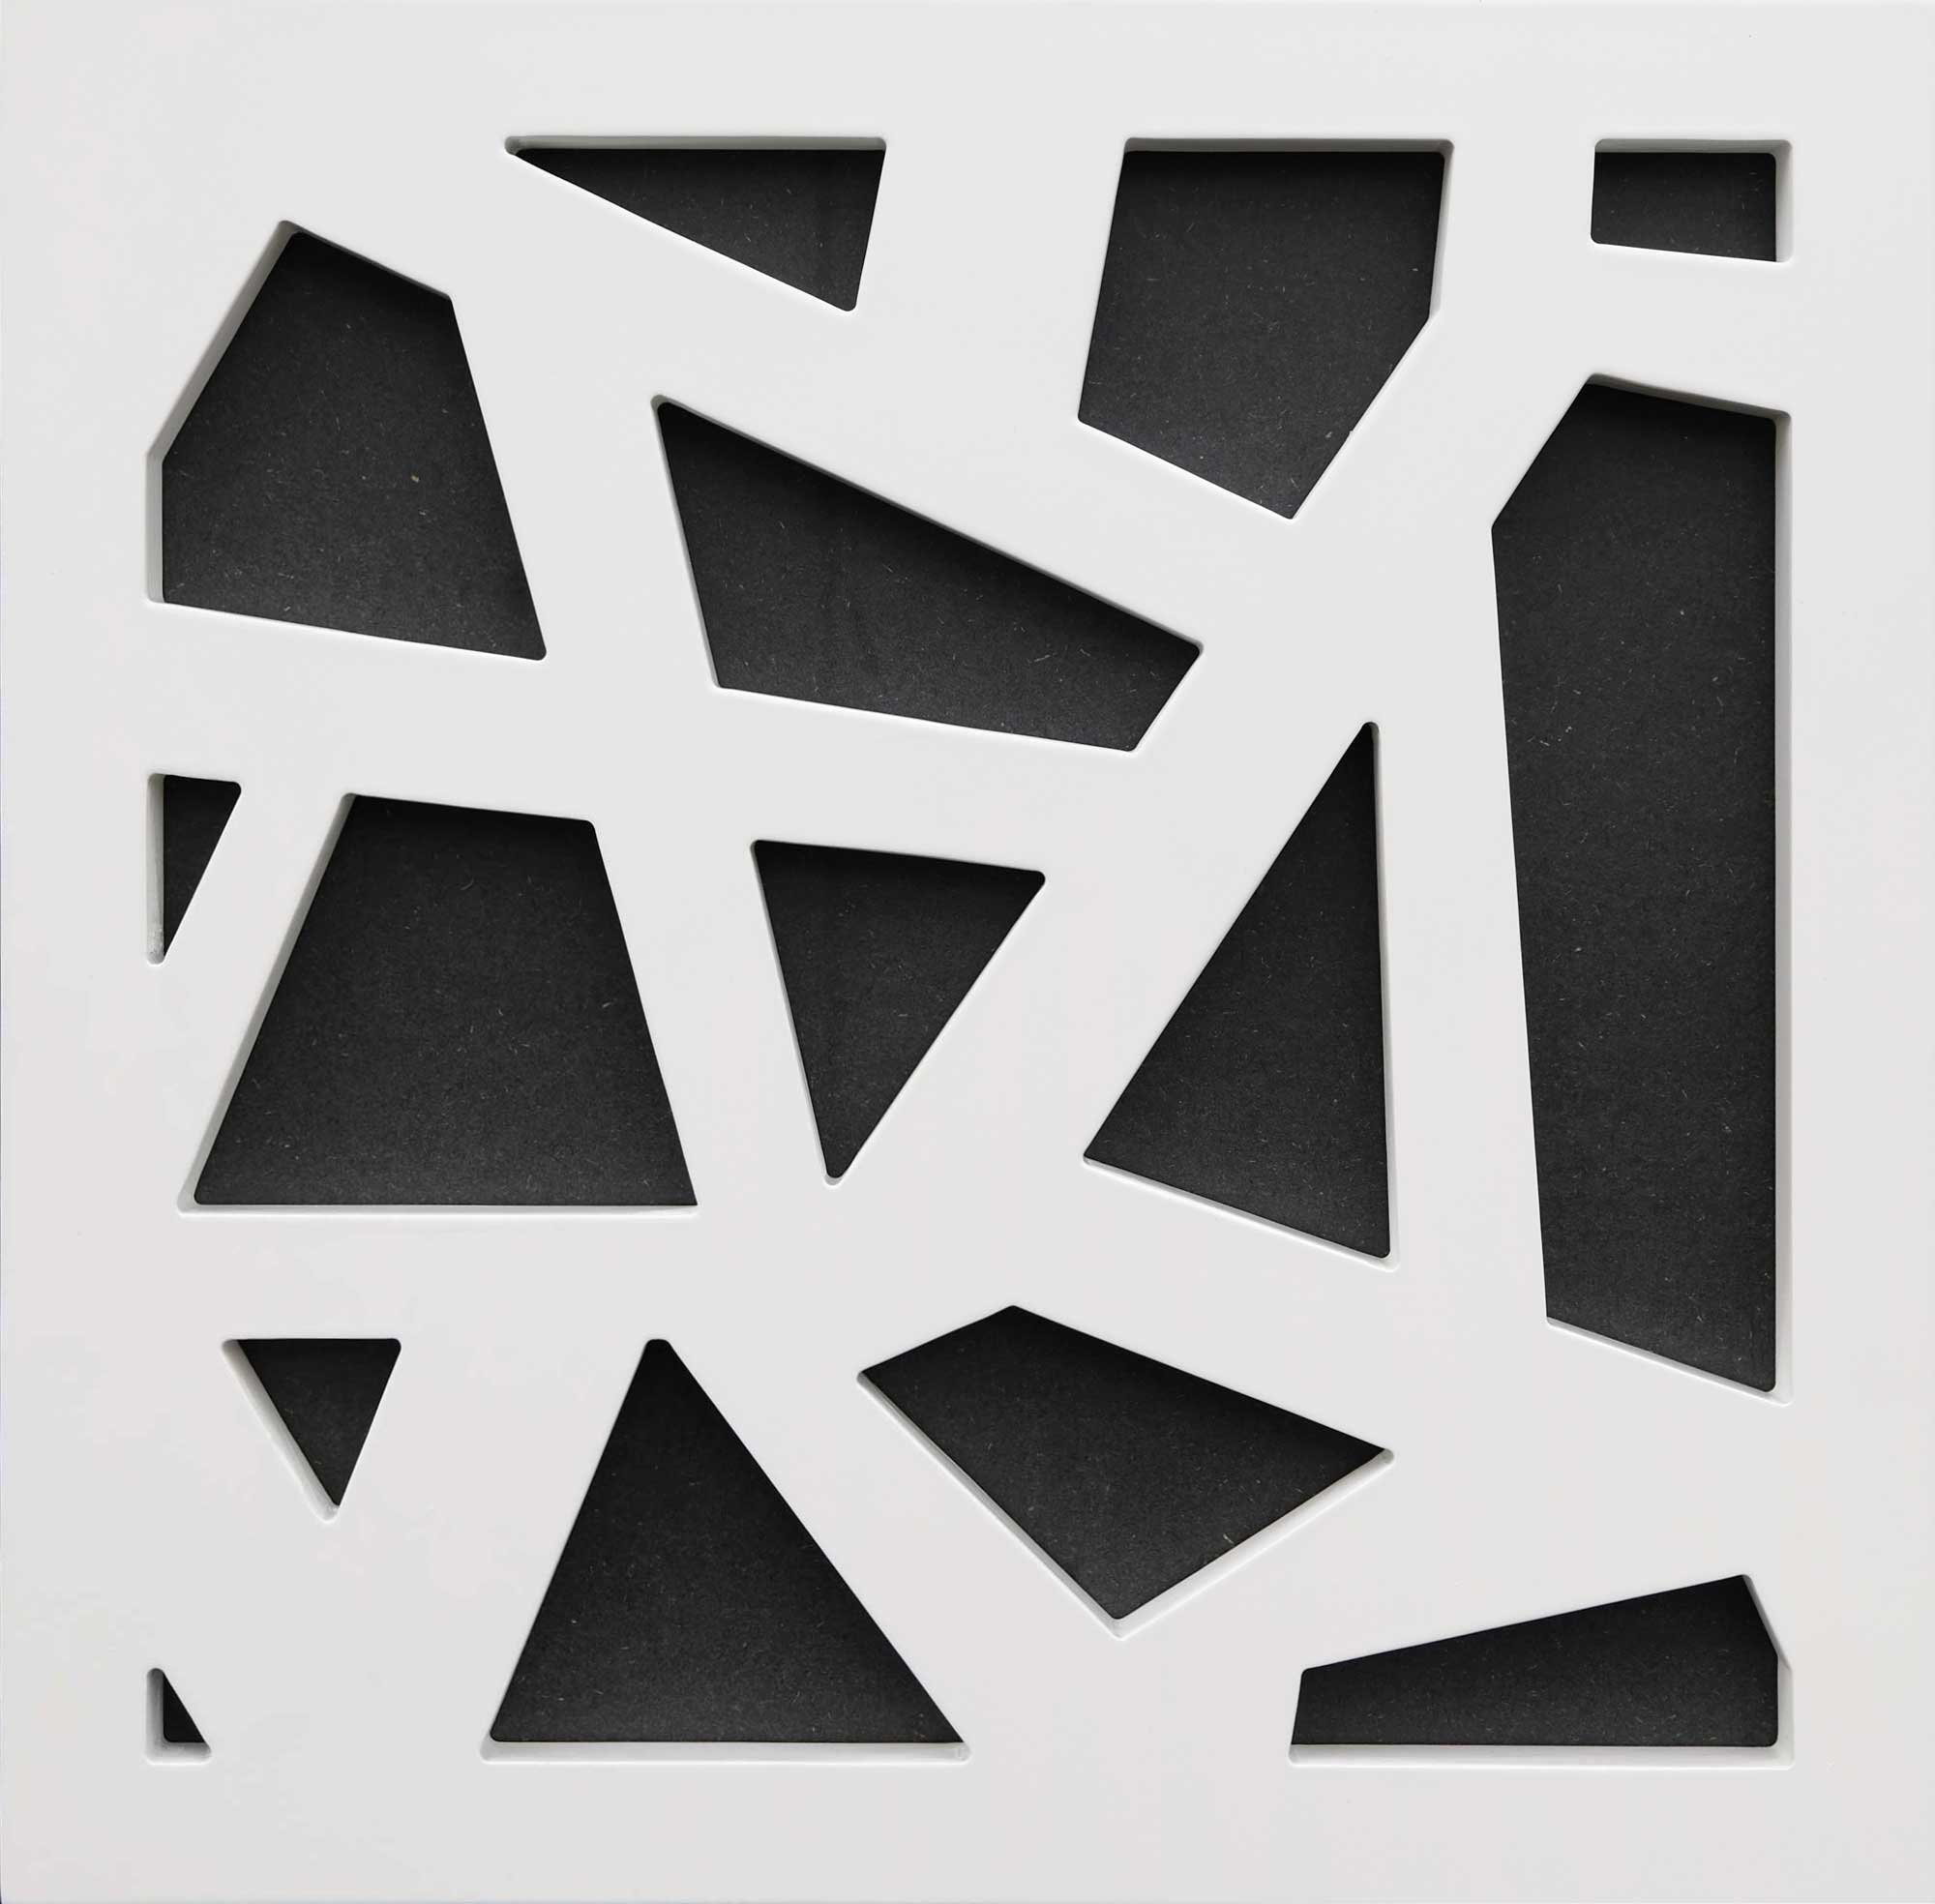 trennwand-aus-mdf-wiederholendes-muster-flechtwerk-abstrakt-c